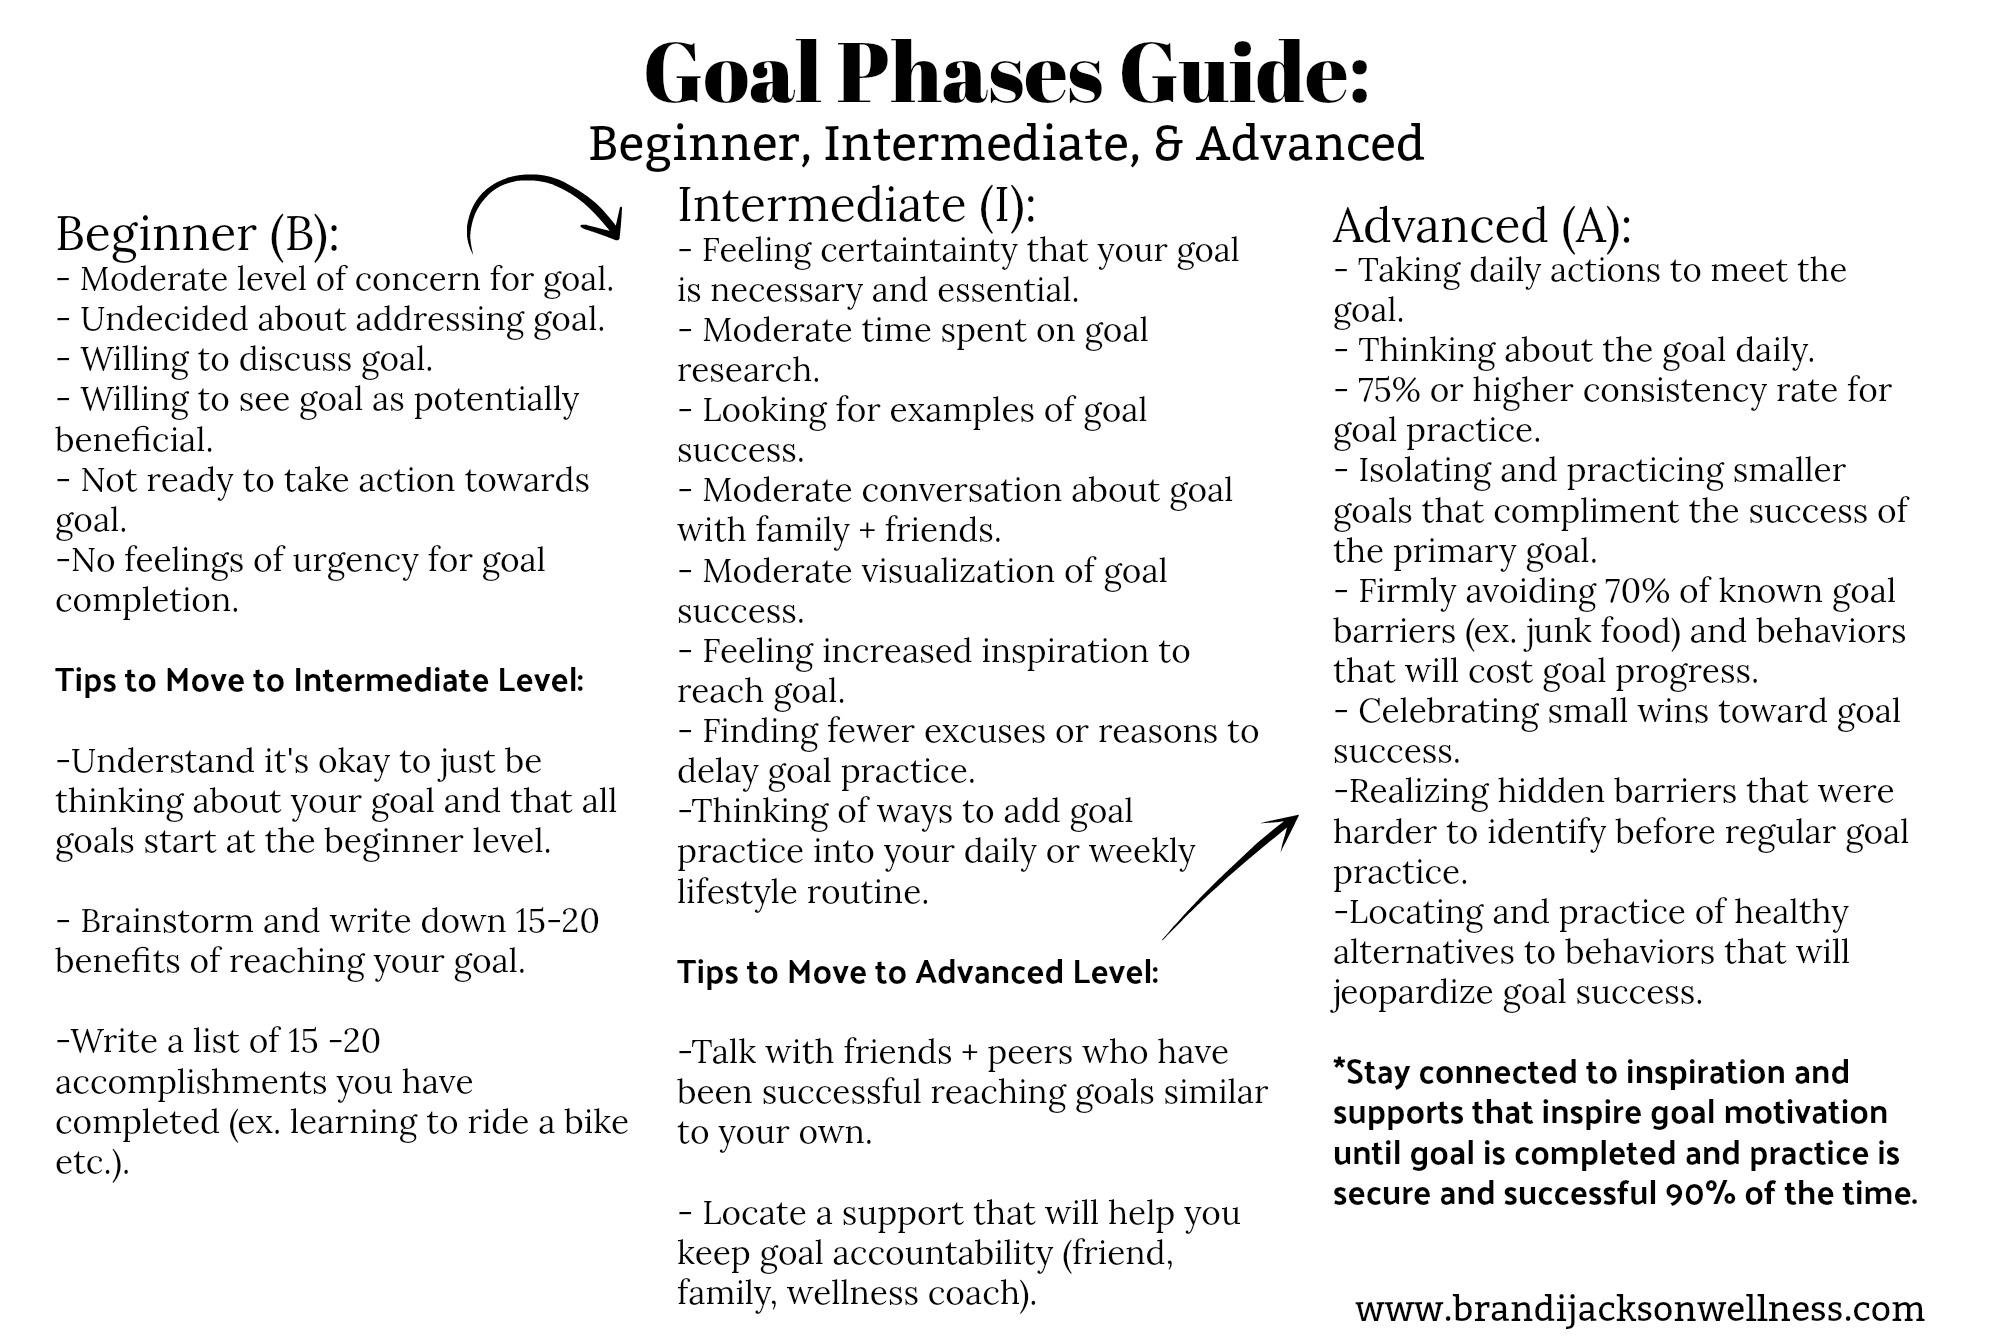 goal phases guide.jpg